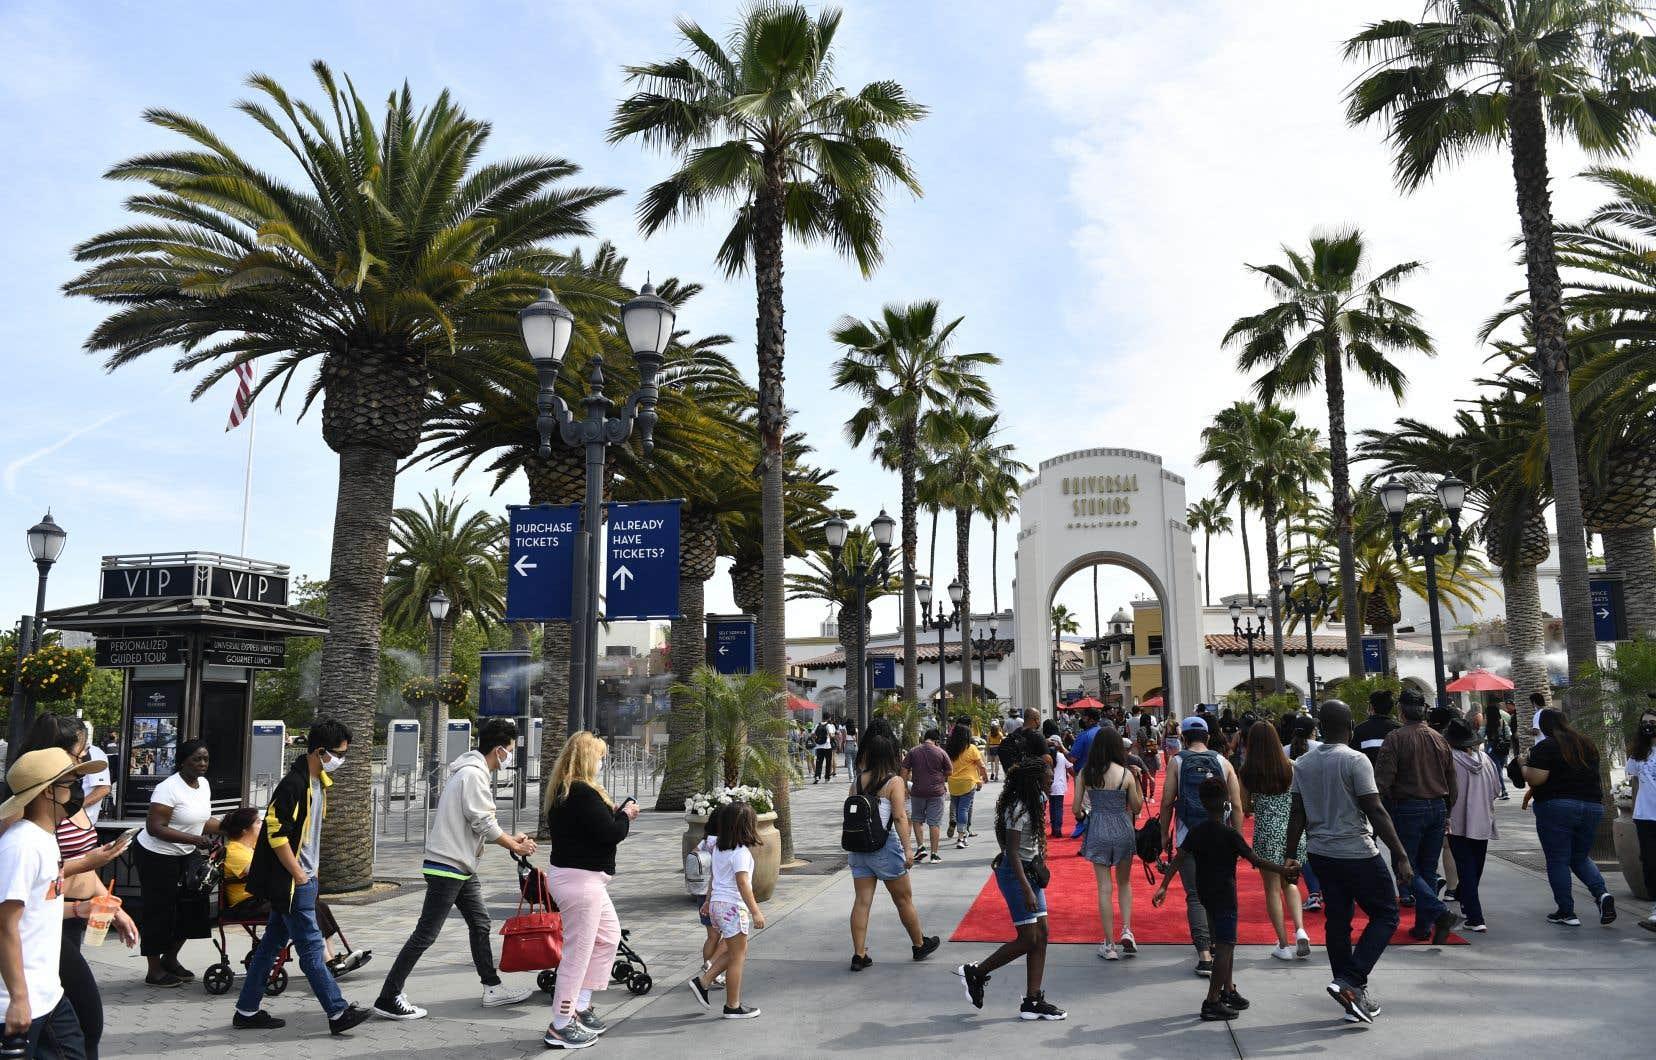 Le pays continue d'achever sa réouverture. Quasiment toutes les restrictions ont été levées mardi en Californie, État le plus peuplé.